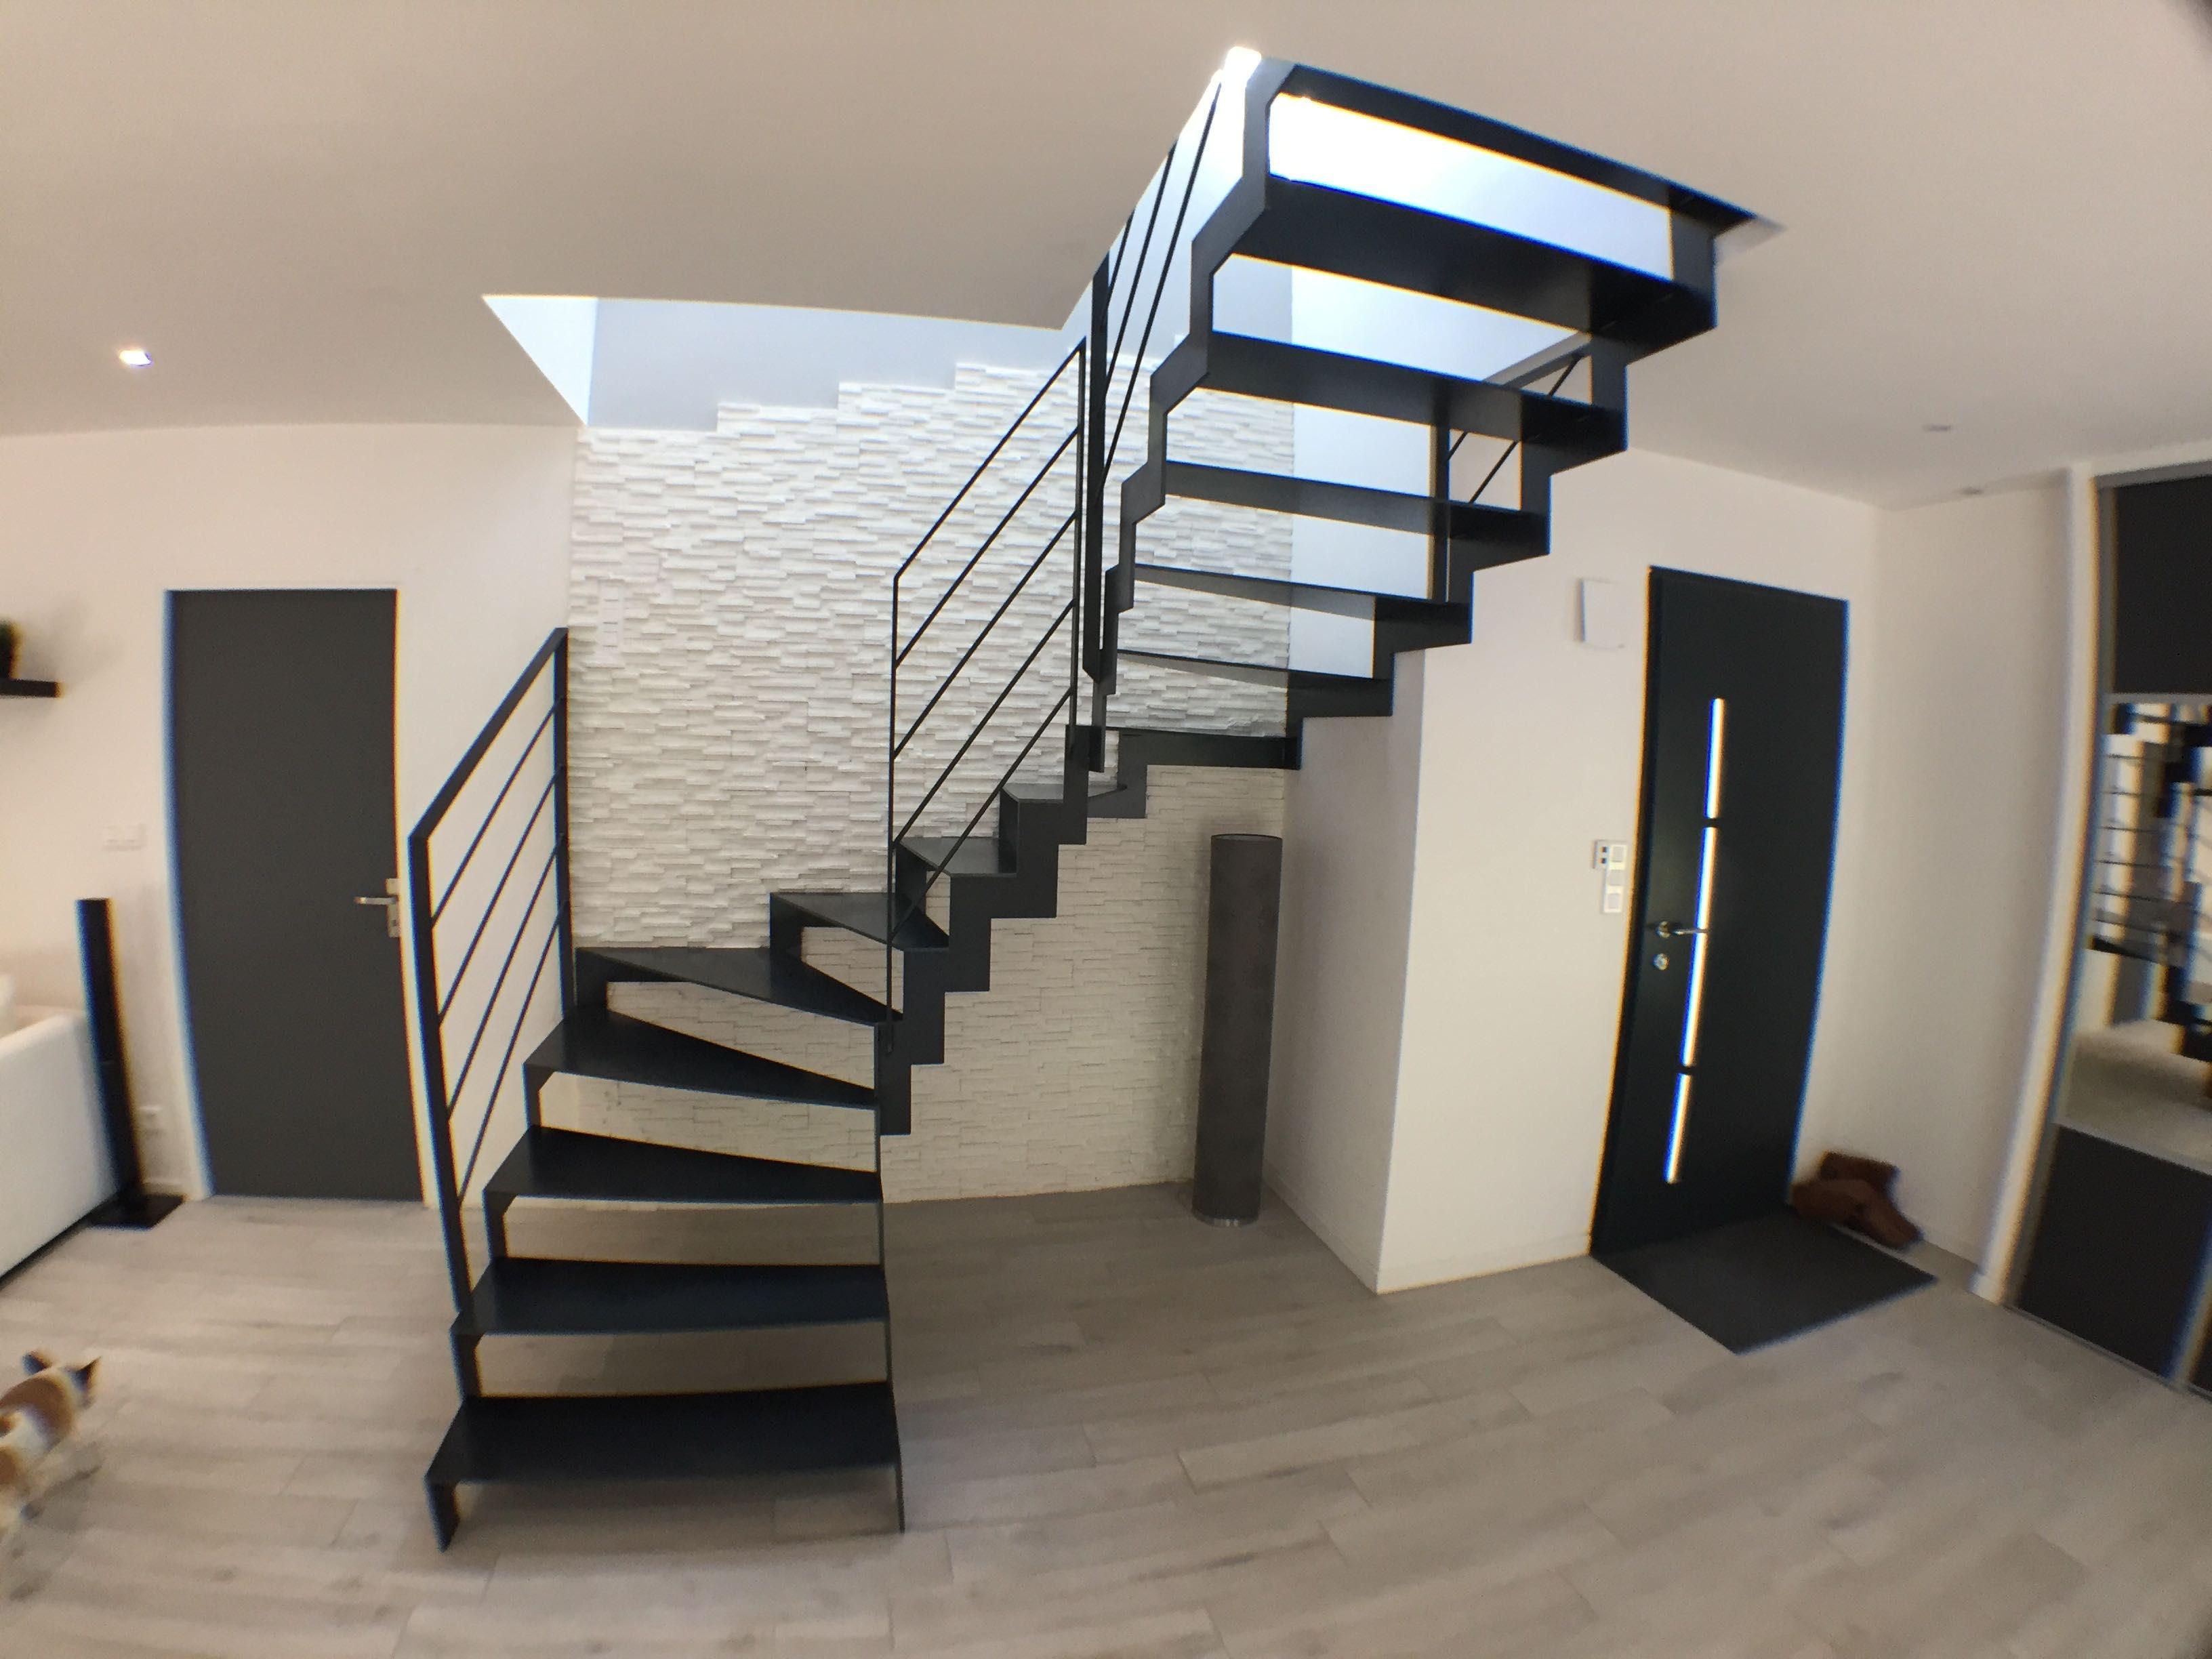 Escalier 2 4 Tournant Tout Metal Acier Brut Cire Escaliers Pinterest